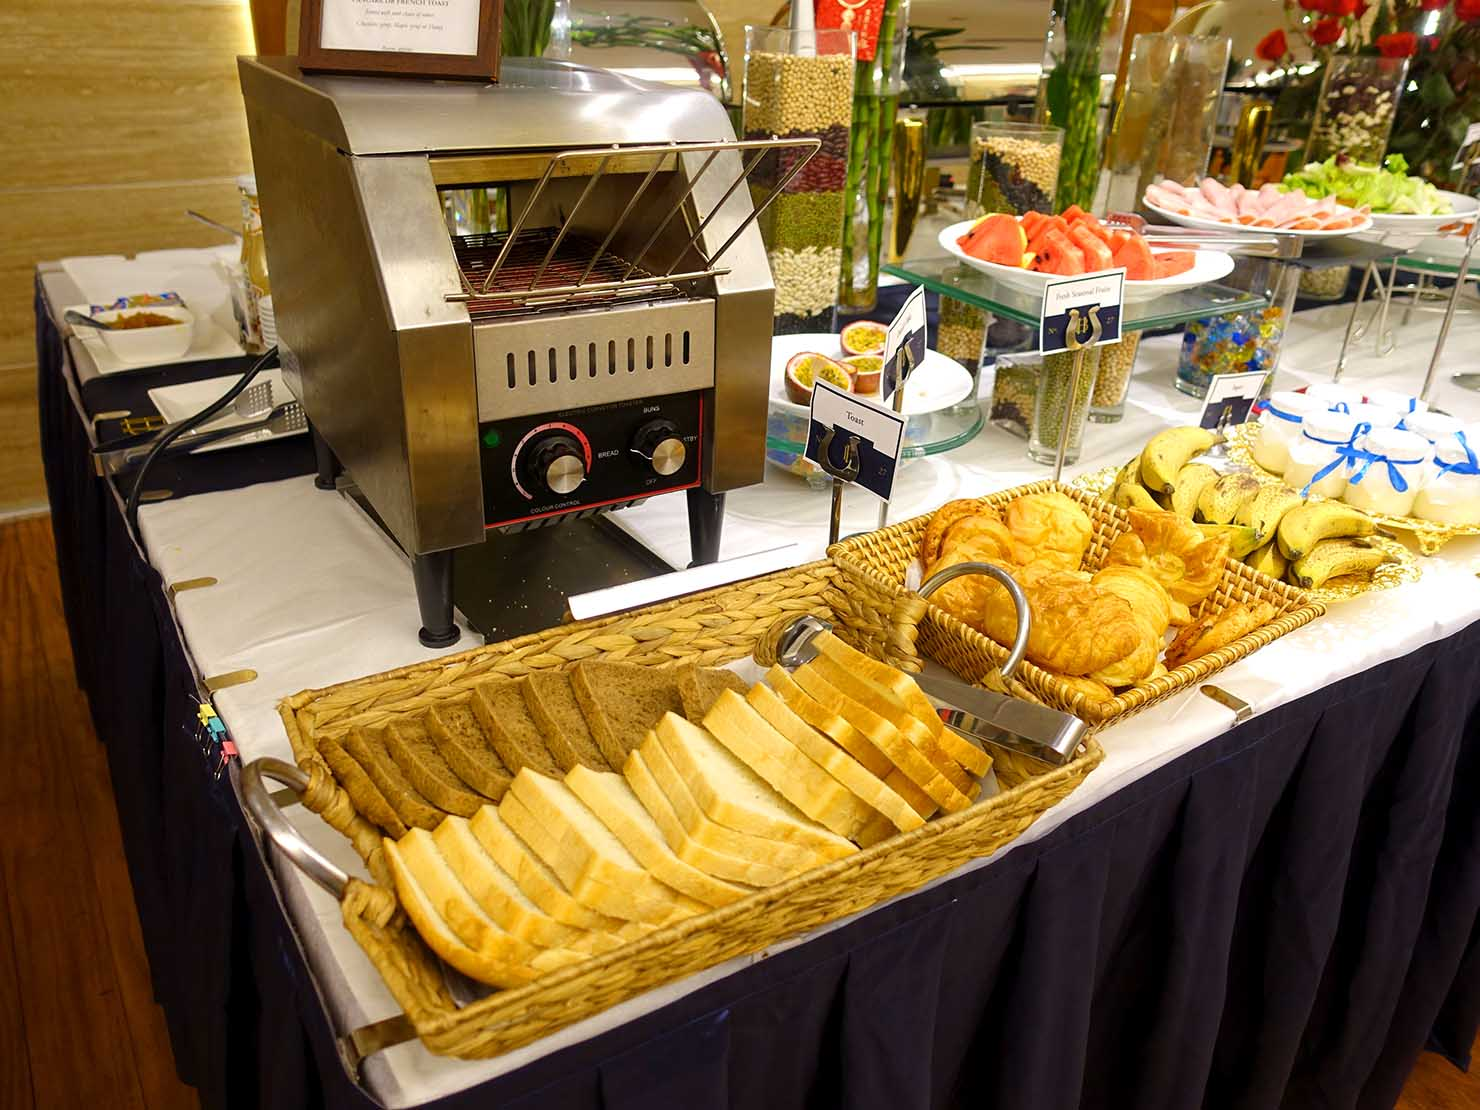 ハノイ旧市街ど真ん中の観光に便利なおすすめホテル「Hai Bay Hotel」2Fレストランの洋食ビュッフェに並ぶパン